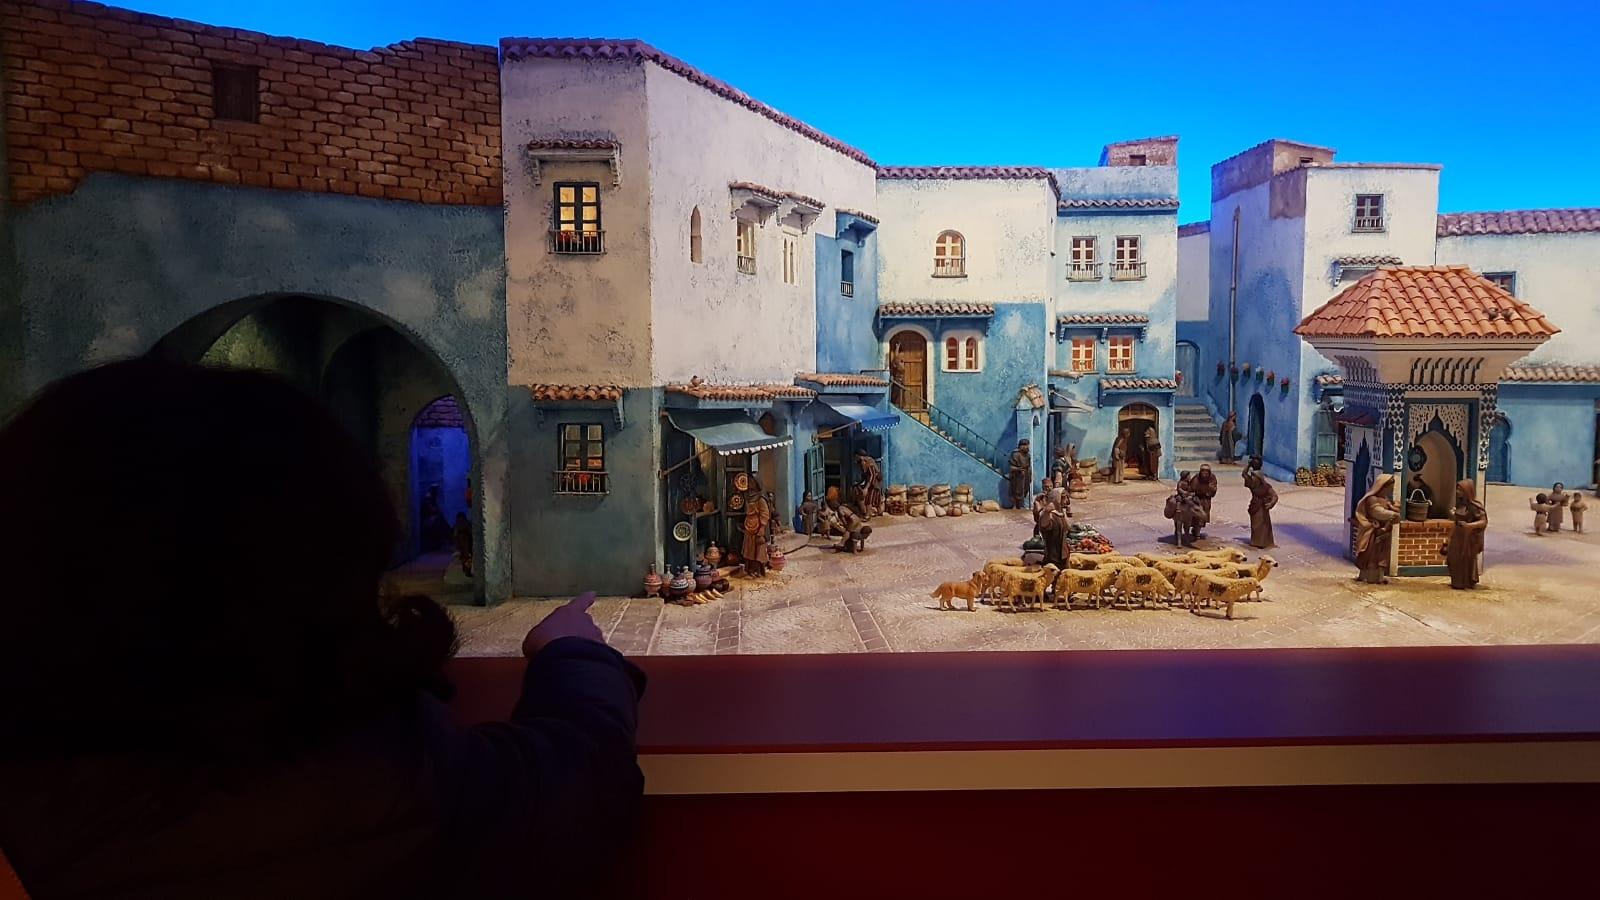 300 piezas forman el Belén Monumental de la Diputación, ambientado en los «pueblos azules» de Marruecos